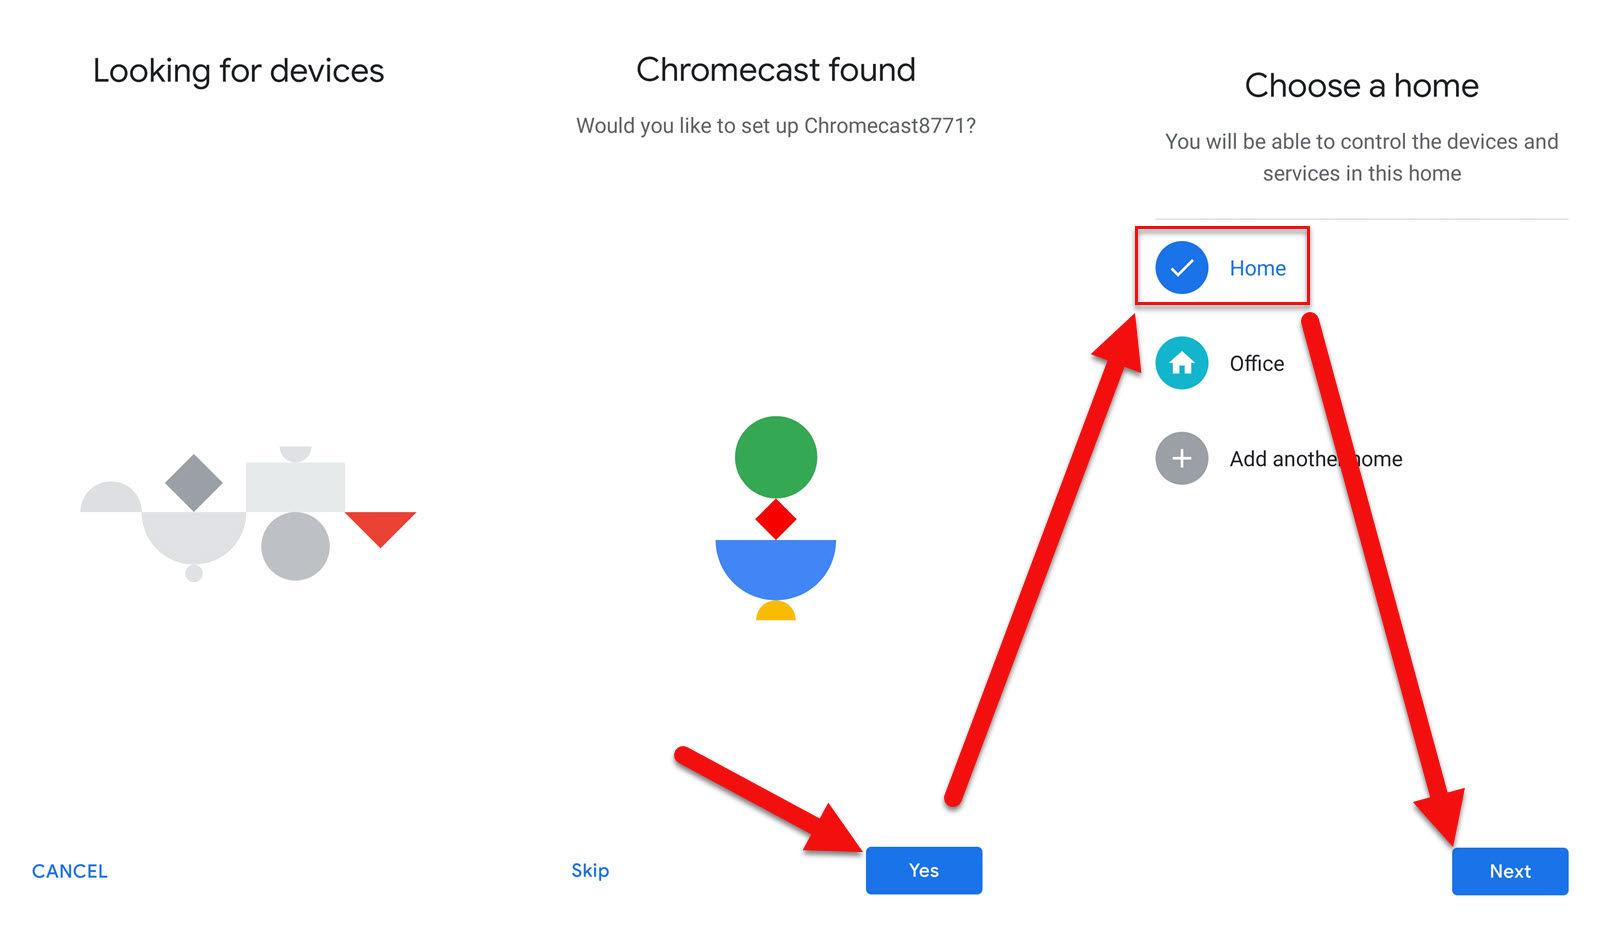 How to set up a Chromecast